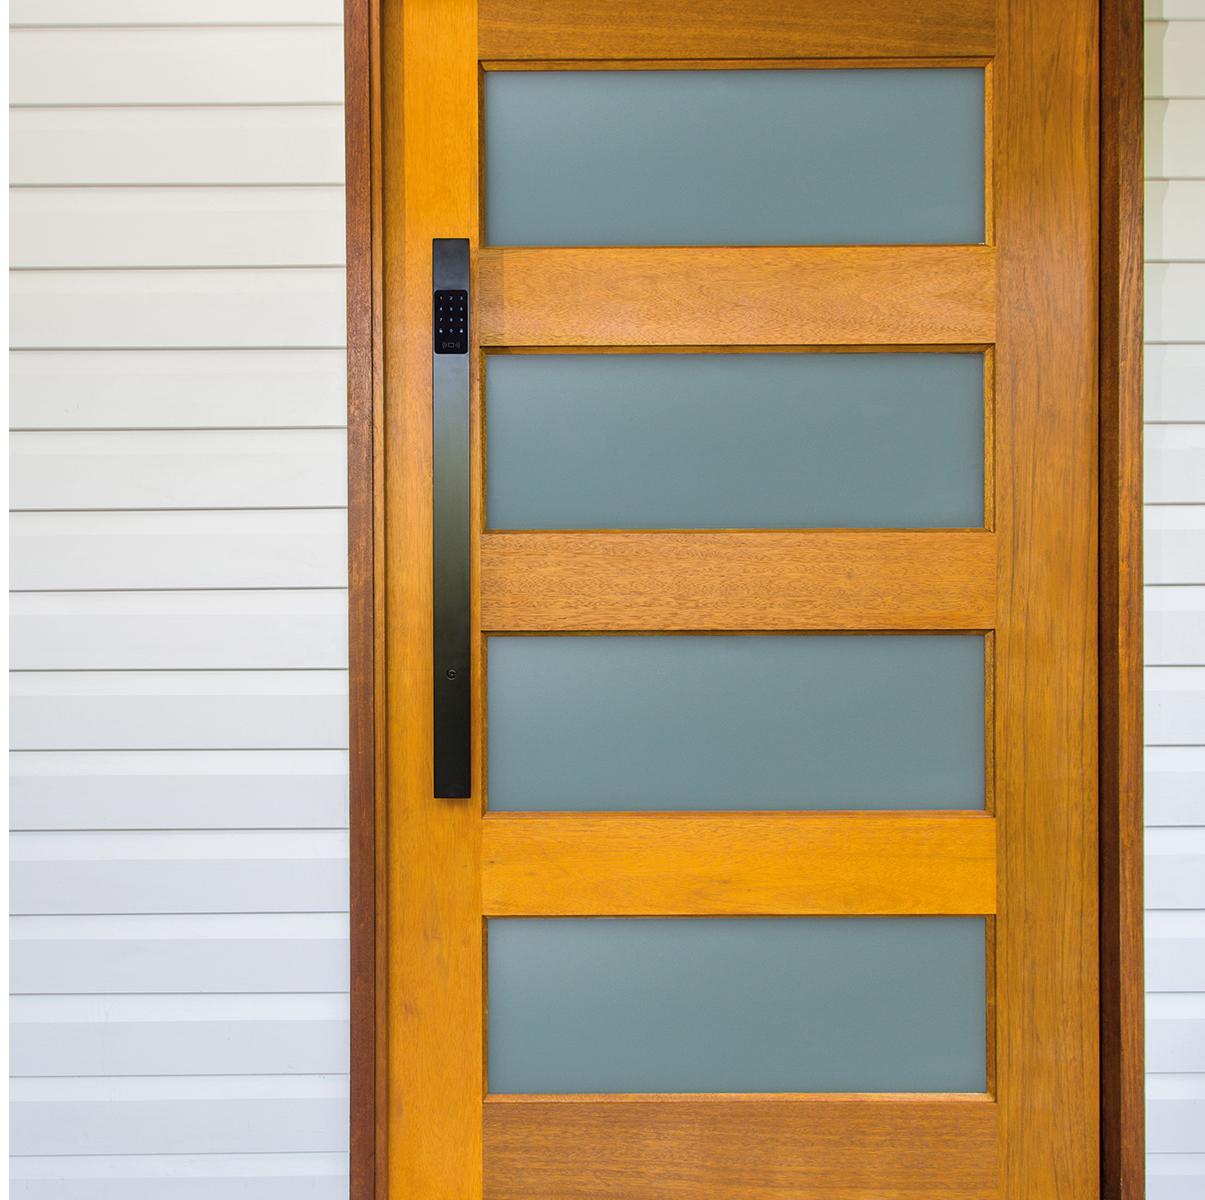 The Grange Digital Door Lock